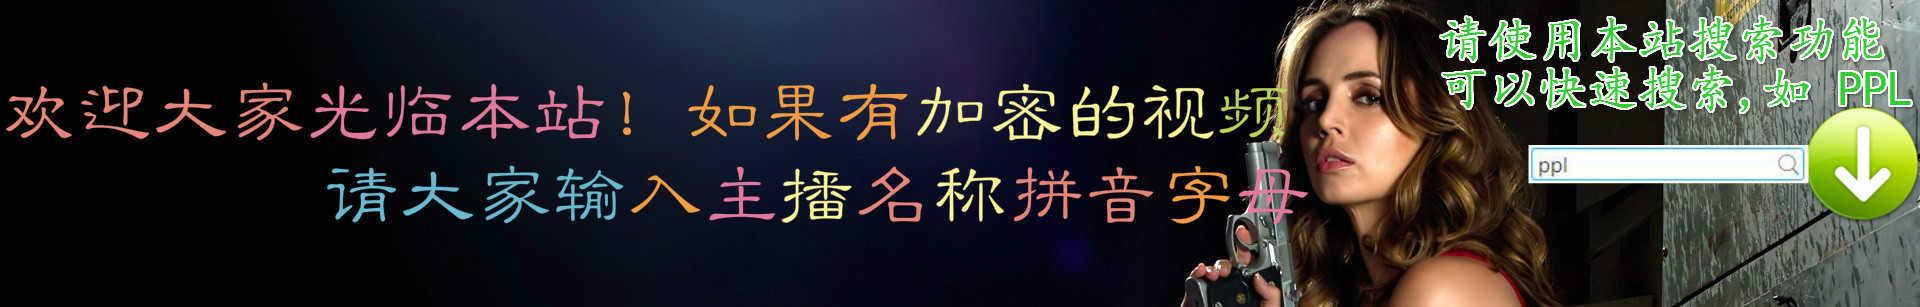 天樂劲歌热舞频道 banner